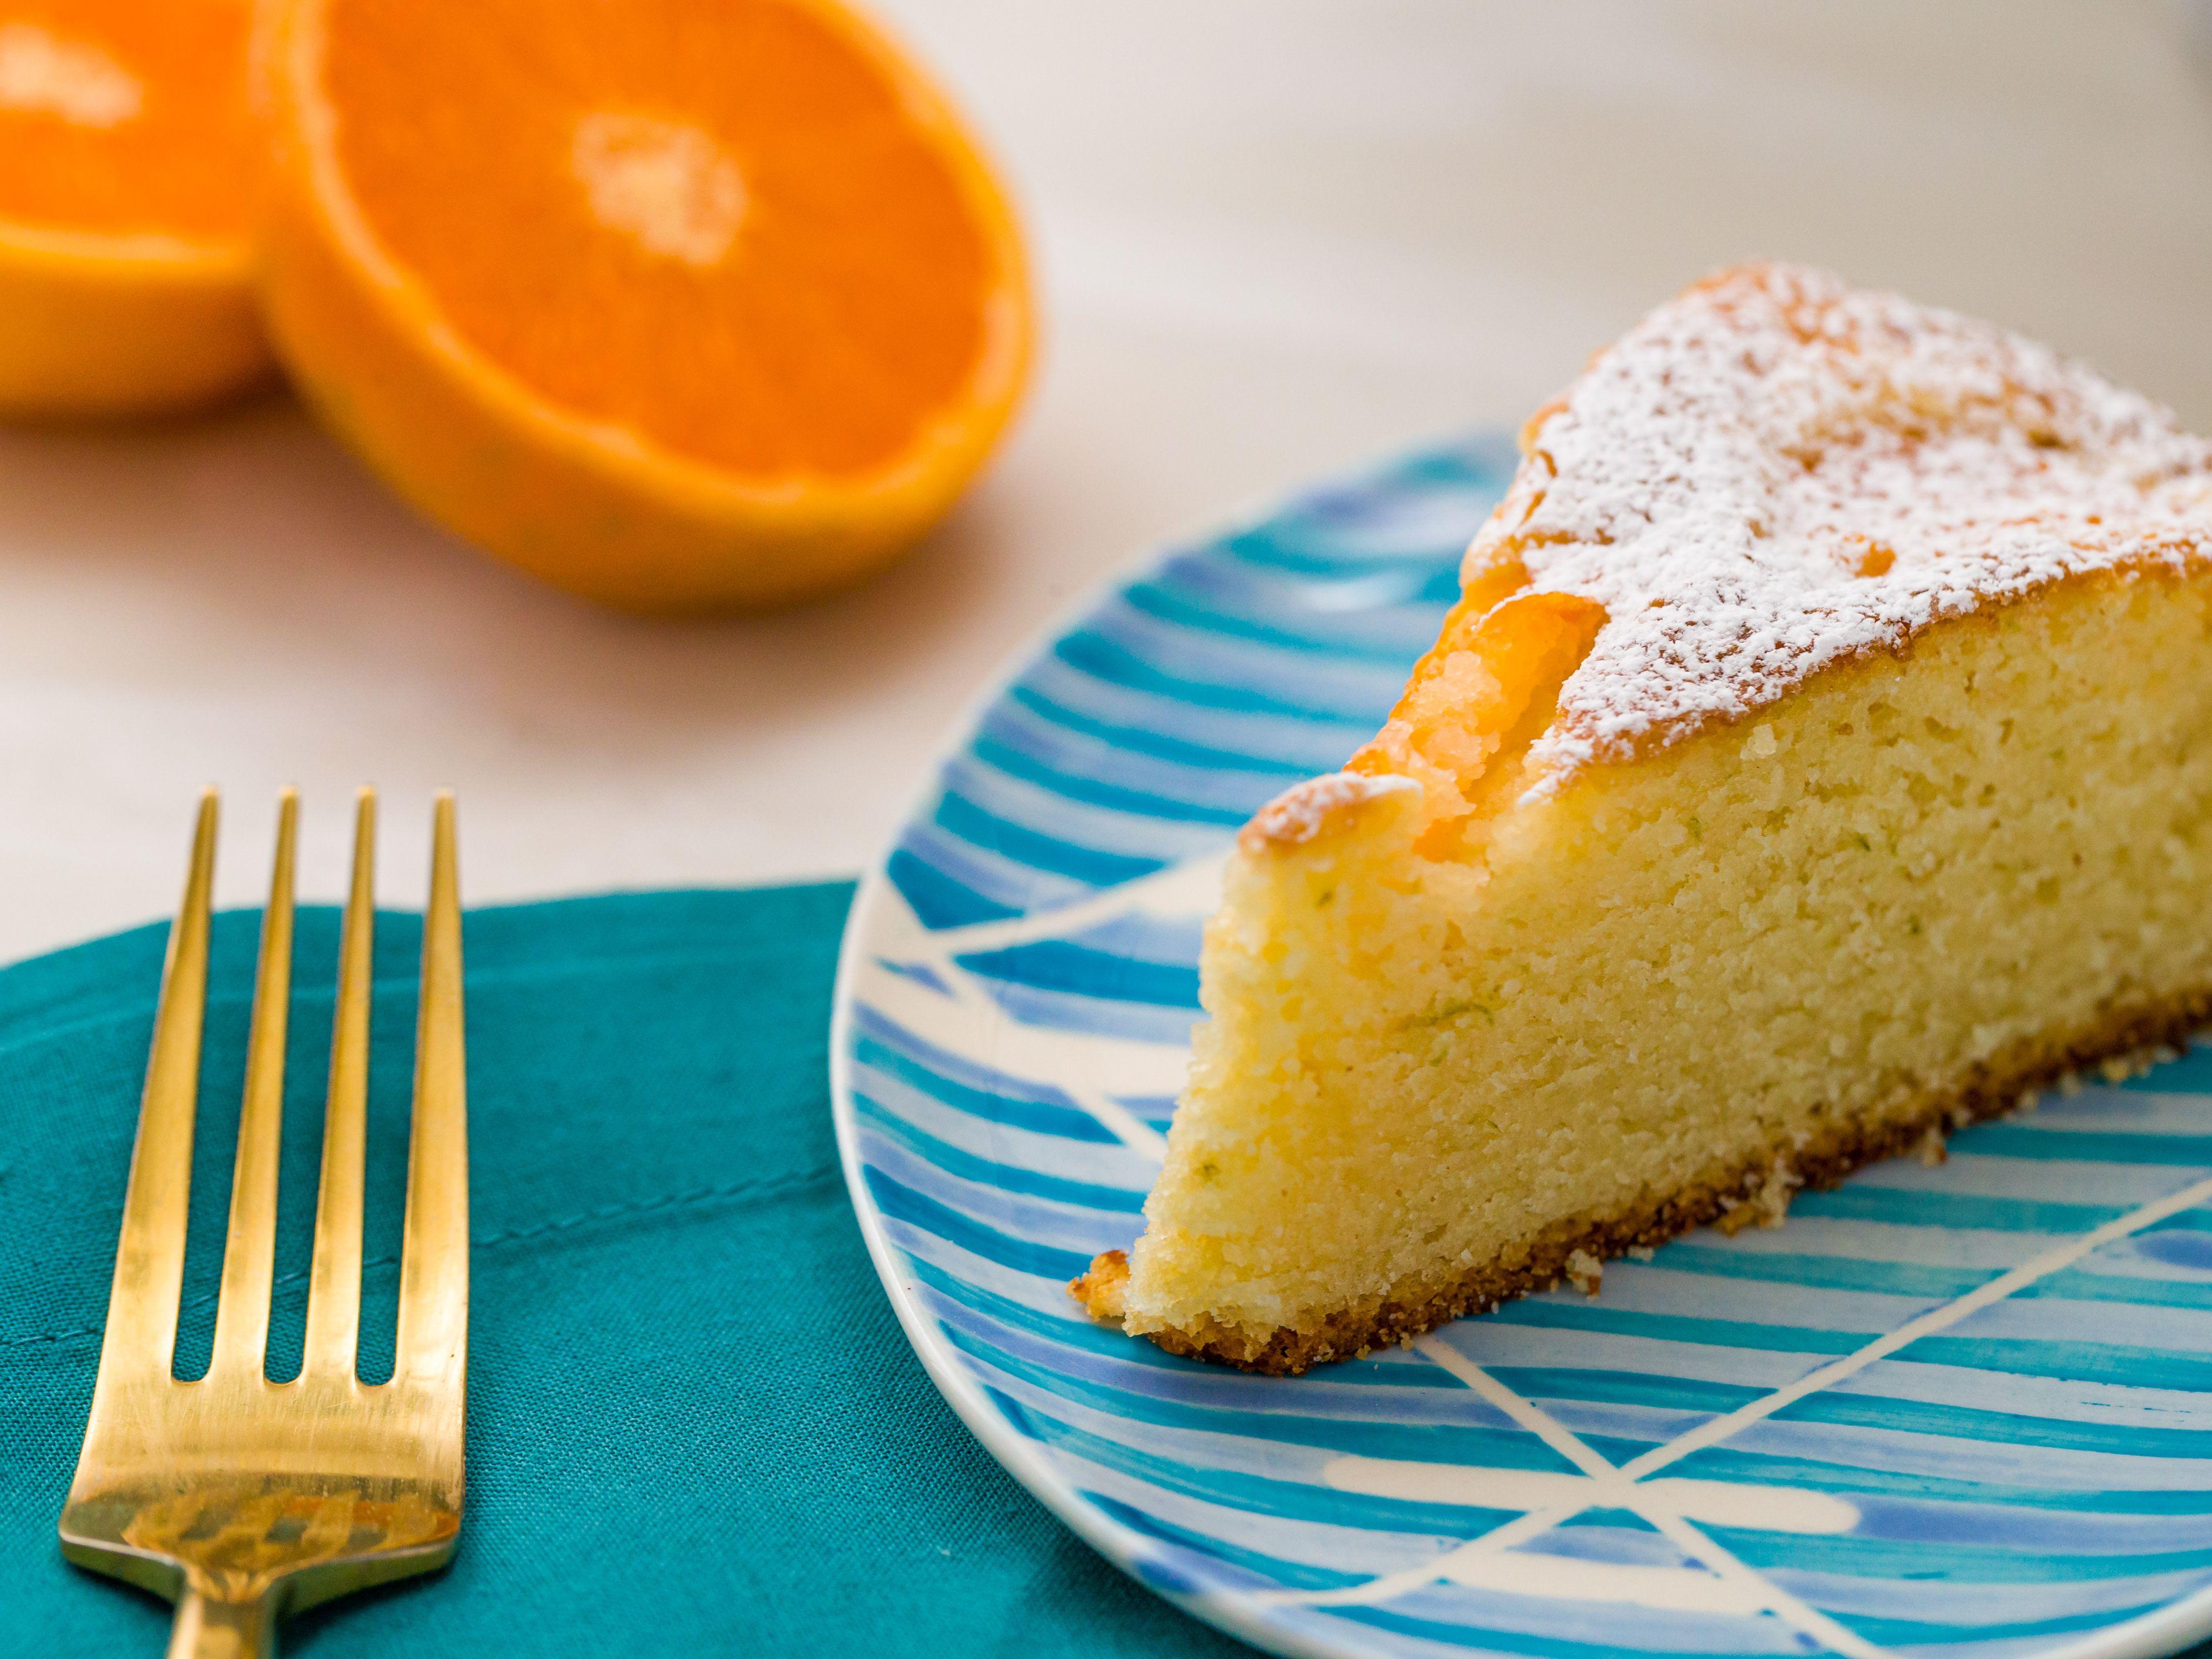 9f6a7b3f45790635334f64e88af4f392 - Mandarin Cake Recipe Better Homes And Gardens